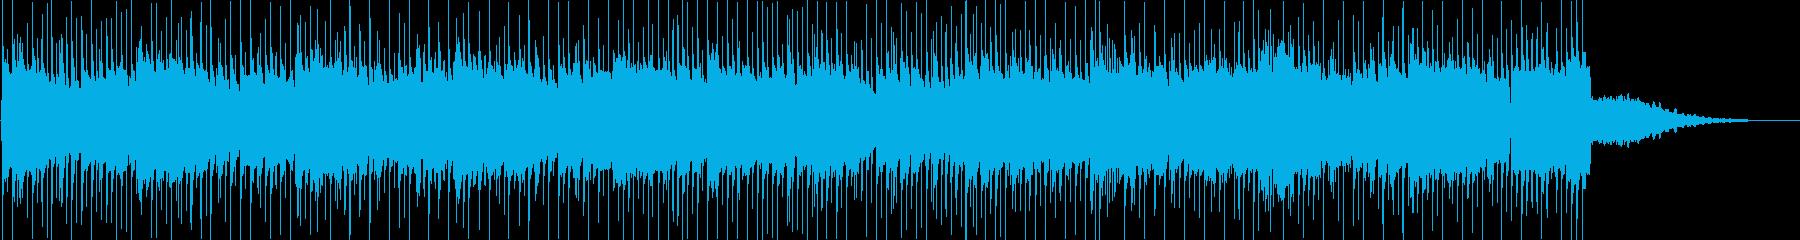 運転、催眠術、シンセトラック。 8...の再生済みの波形